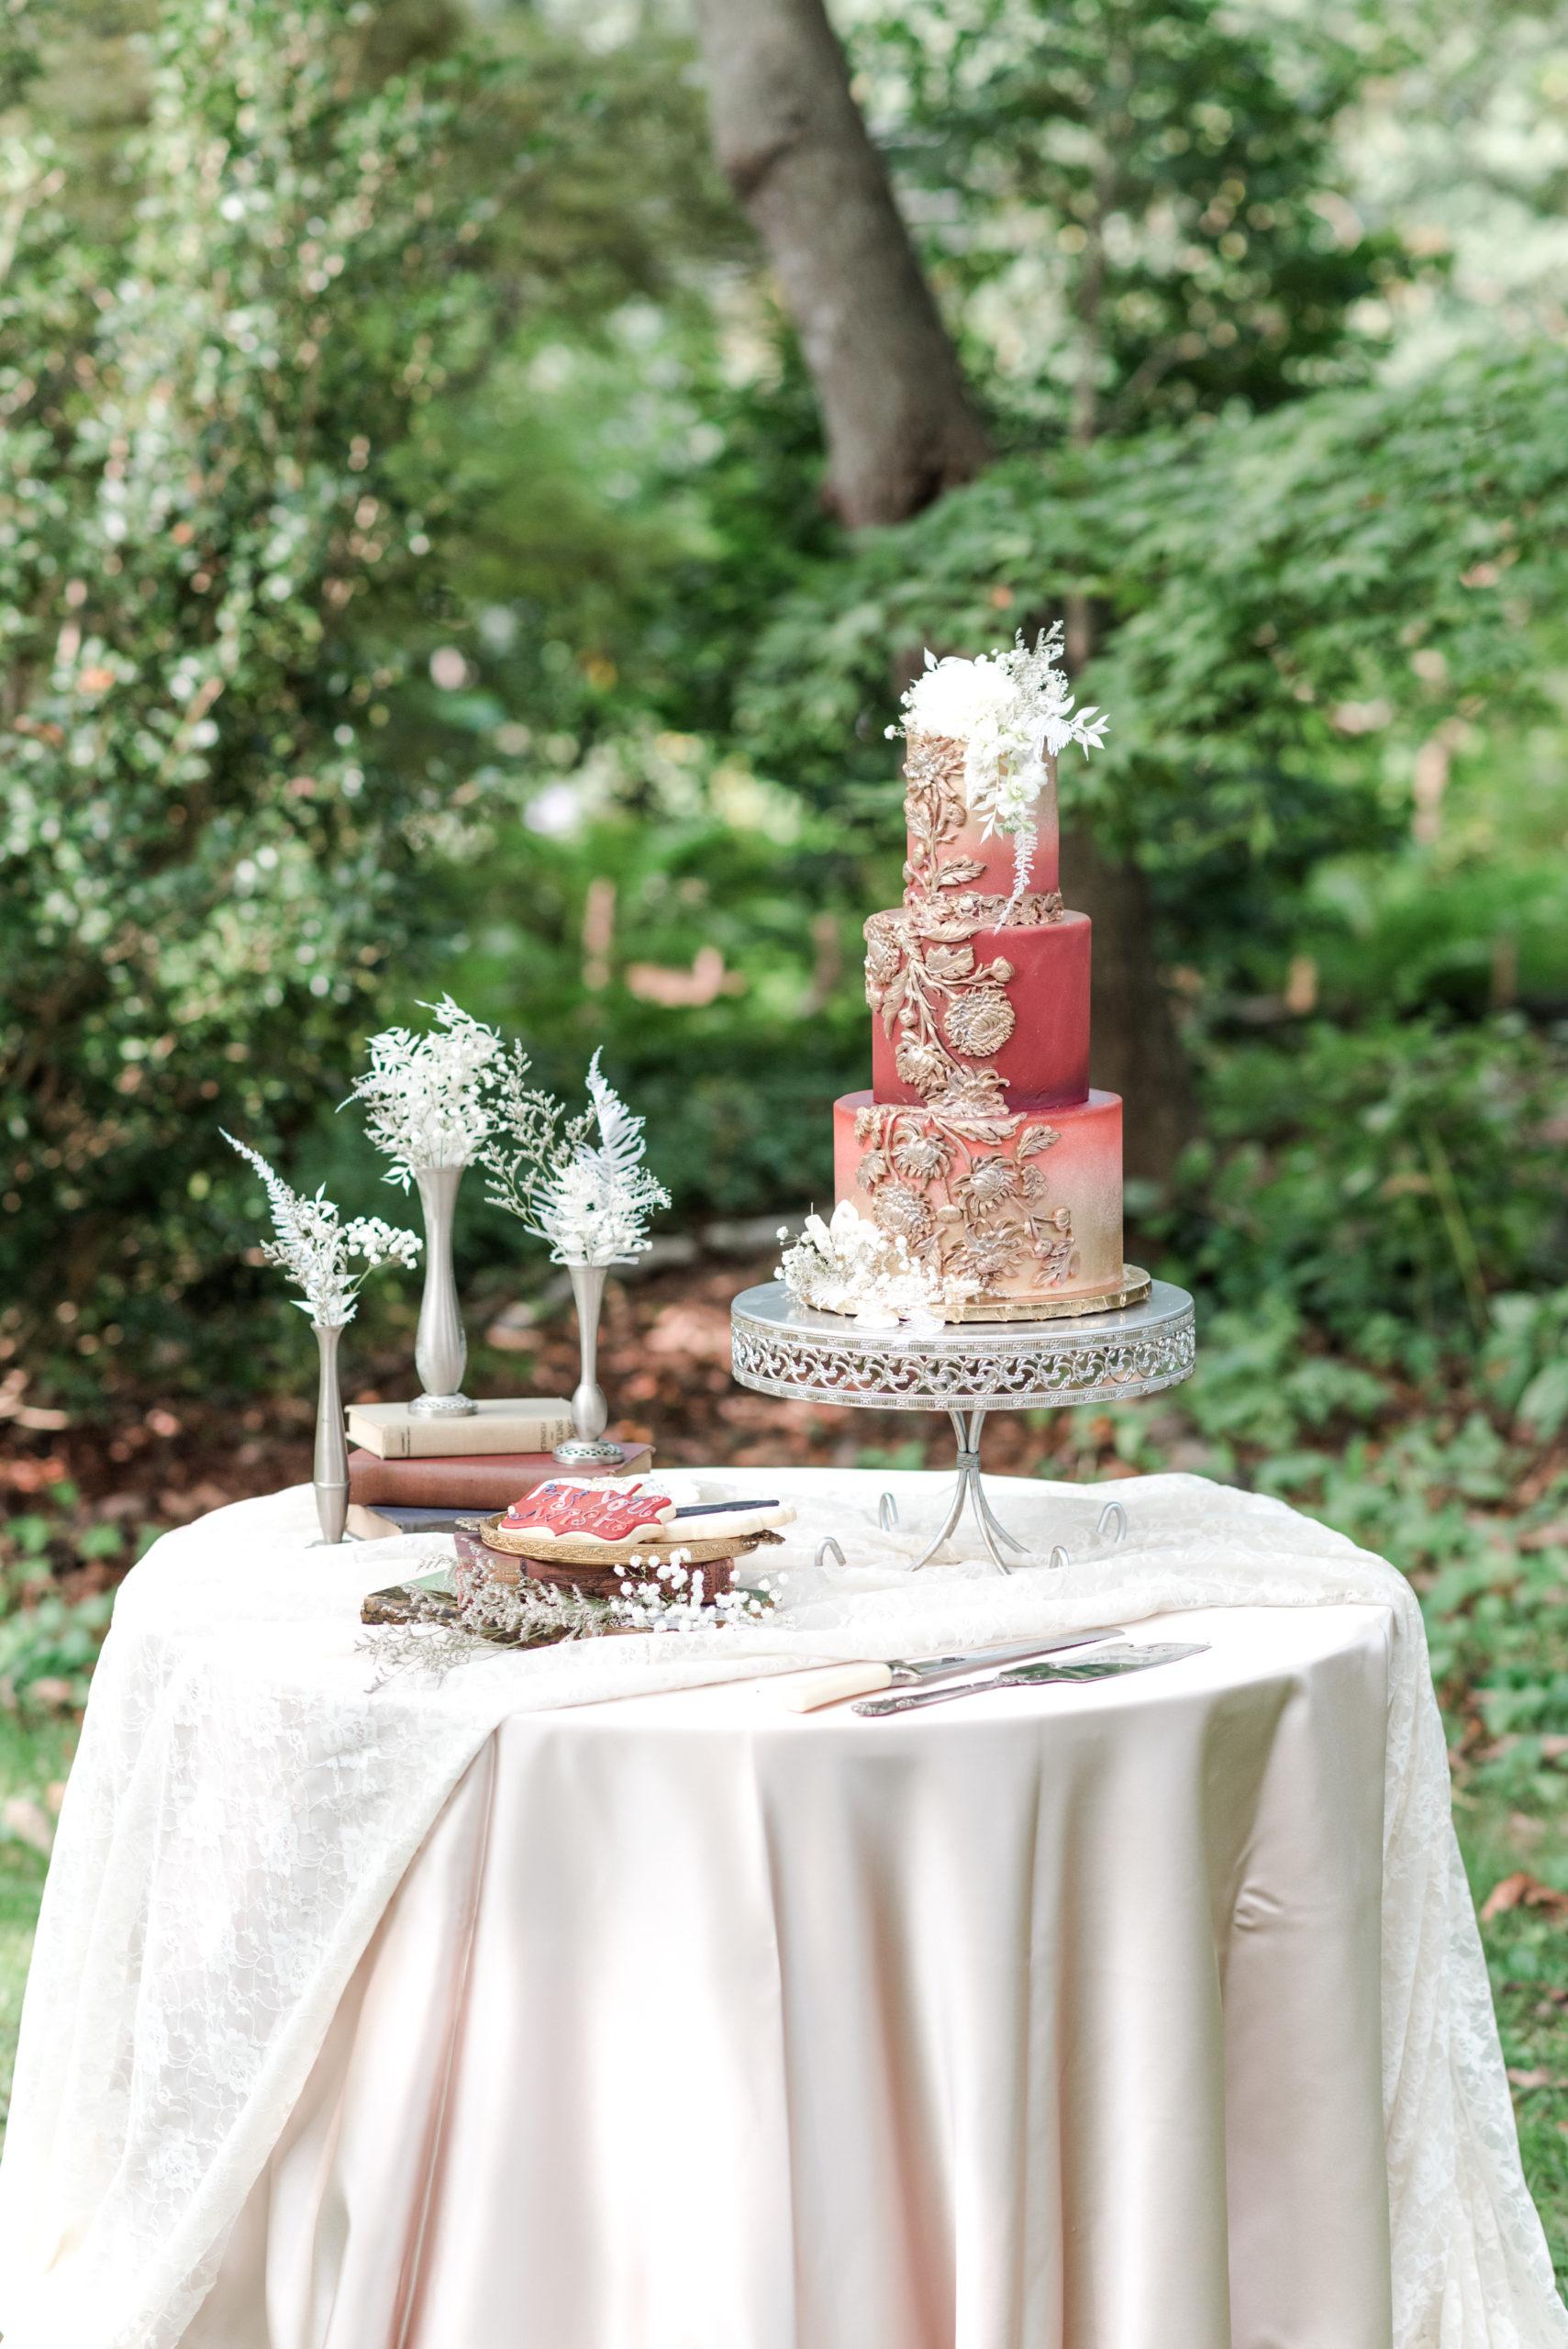 The Princess Bride Wedding